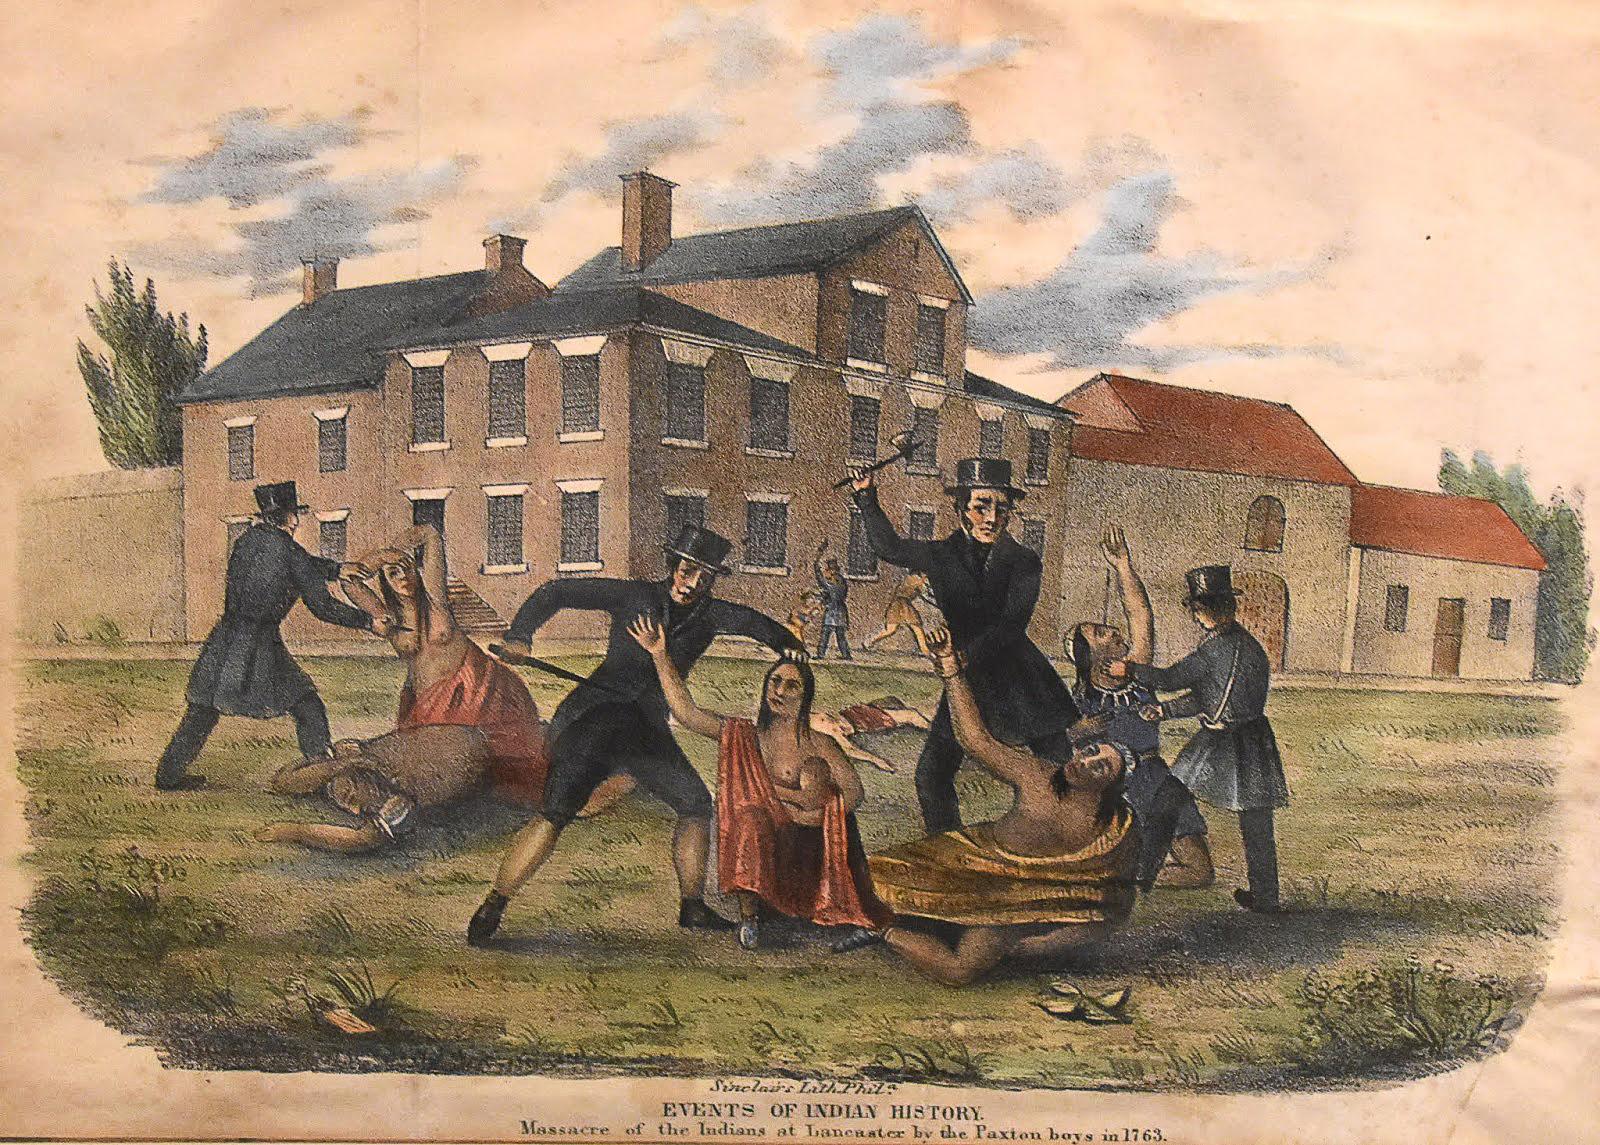 Masacre india de Lancaster en 1763. El 27 de diciembre de ese año, los Paxton Boys asesinaron a 14 nativos protegidos en esa ciudad.